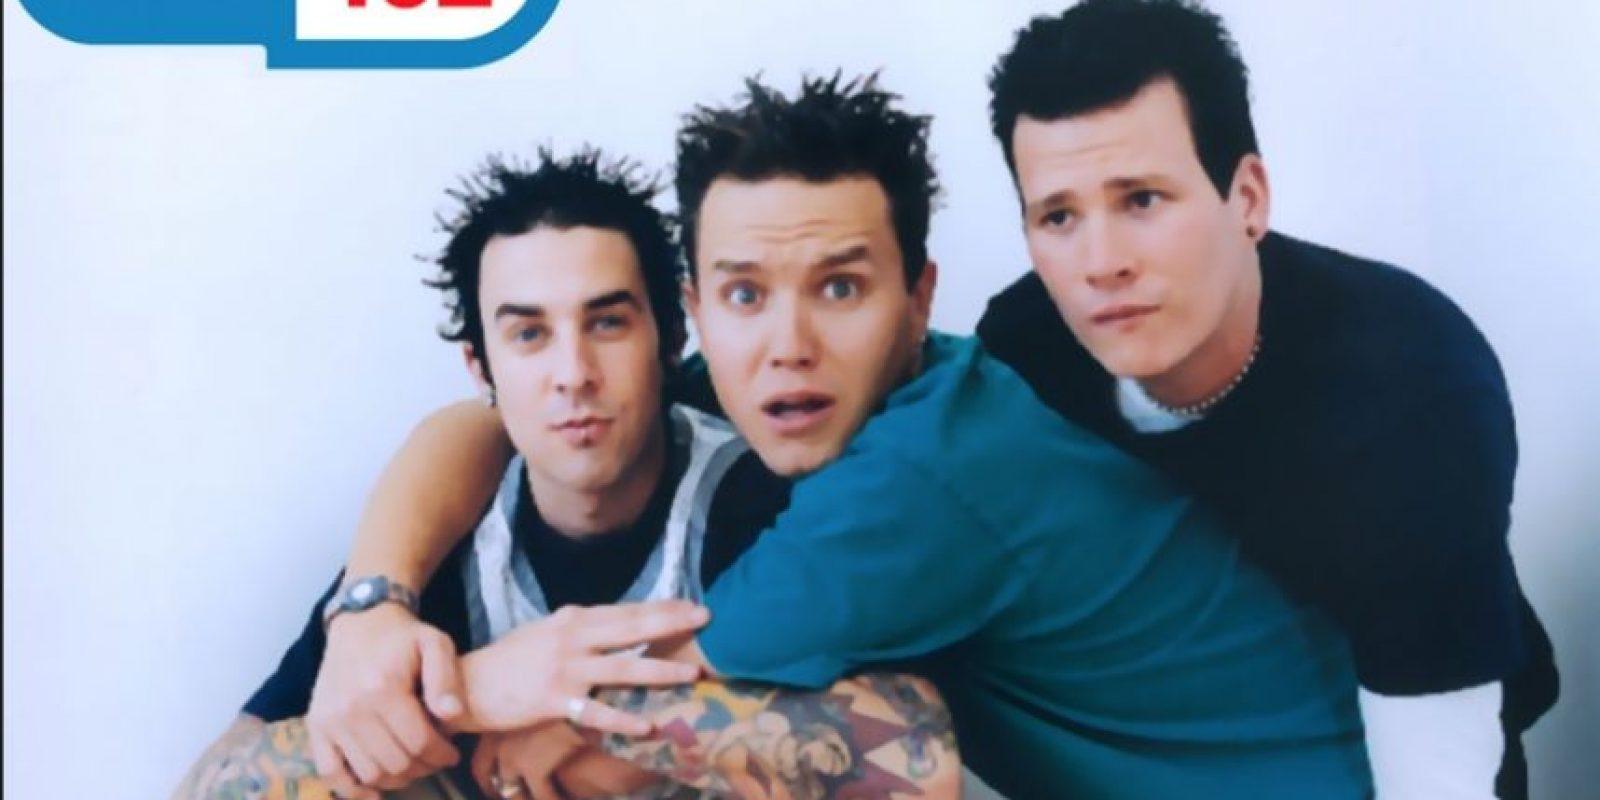 La banda se creó en 1992. Foto:vía Coveralia